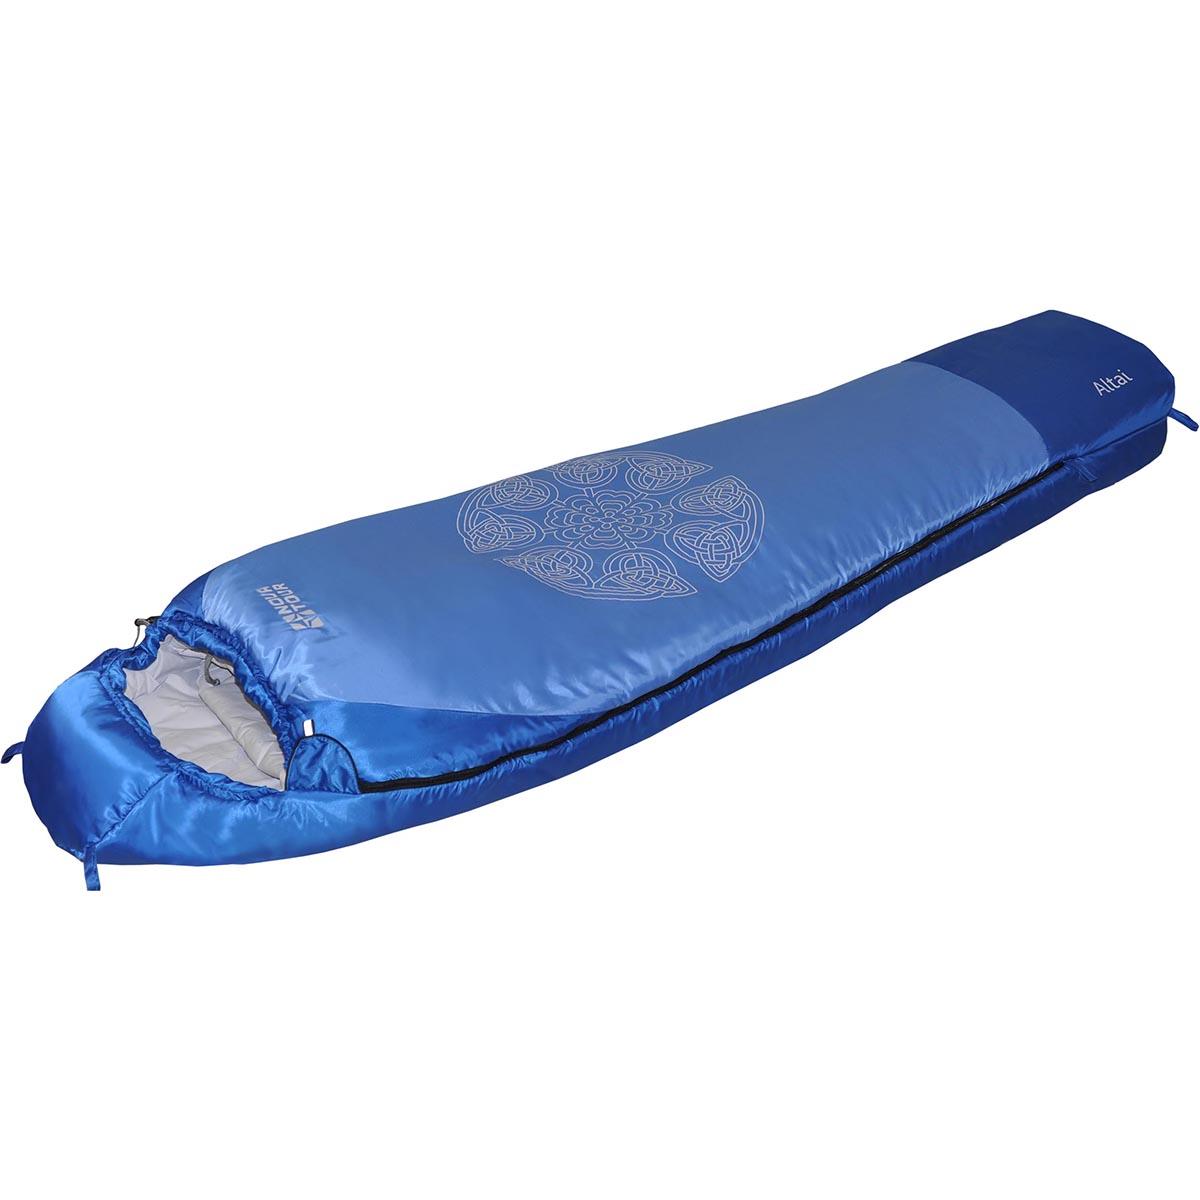 Мешок спальный NOVA TOUR Алтай -10 V2, цвет: синий, белый, левосторонняя молния95423-407-LeftСпальный мешок NOVA TOUR Алтай -10 V2 имеет конструкцию кокон с синтетическим наполнителем. Оснащен утепленным утягивающимся капюшоном и шейным воротником, двухзамковой молнией, позволяющей состегнуть два спальника левого и правого исполнения в один двойной. Мешок выполнен из высококачественного полиэстера. Наполнен спальник двухслойным холлофайбером - уникальным, особо теплым, гипоаллергенным утеплителем, каждое волокно которого тоньше волоса и имеет внутри себя еще 7 воздушных каналов. Компрессионный чехол в комплекте.Длина спальника: 220 см.